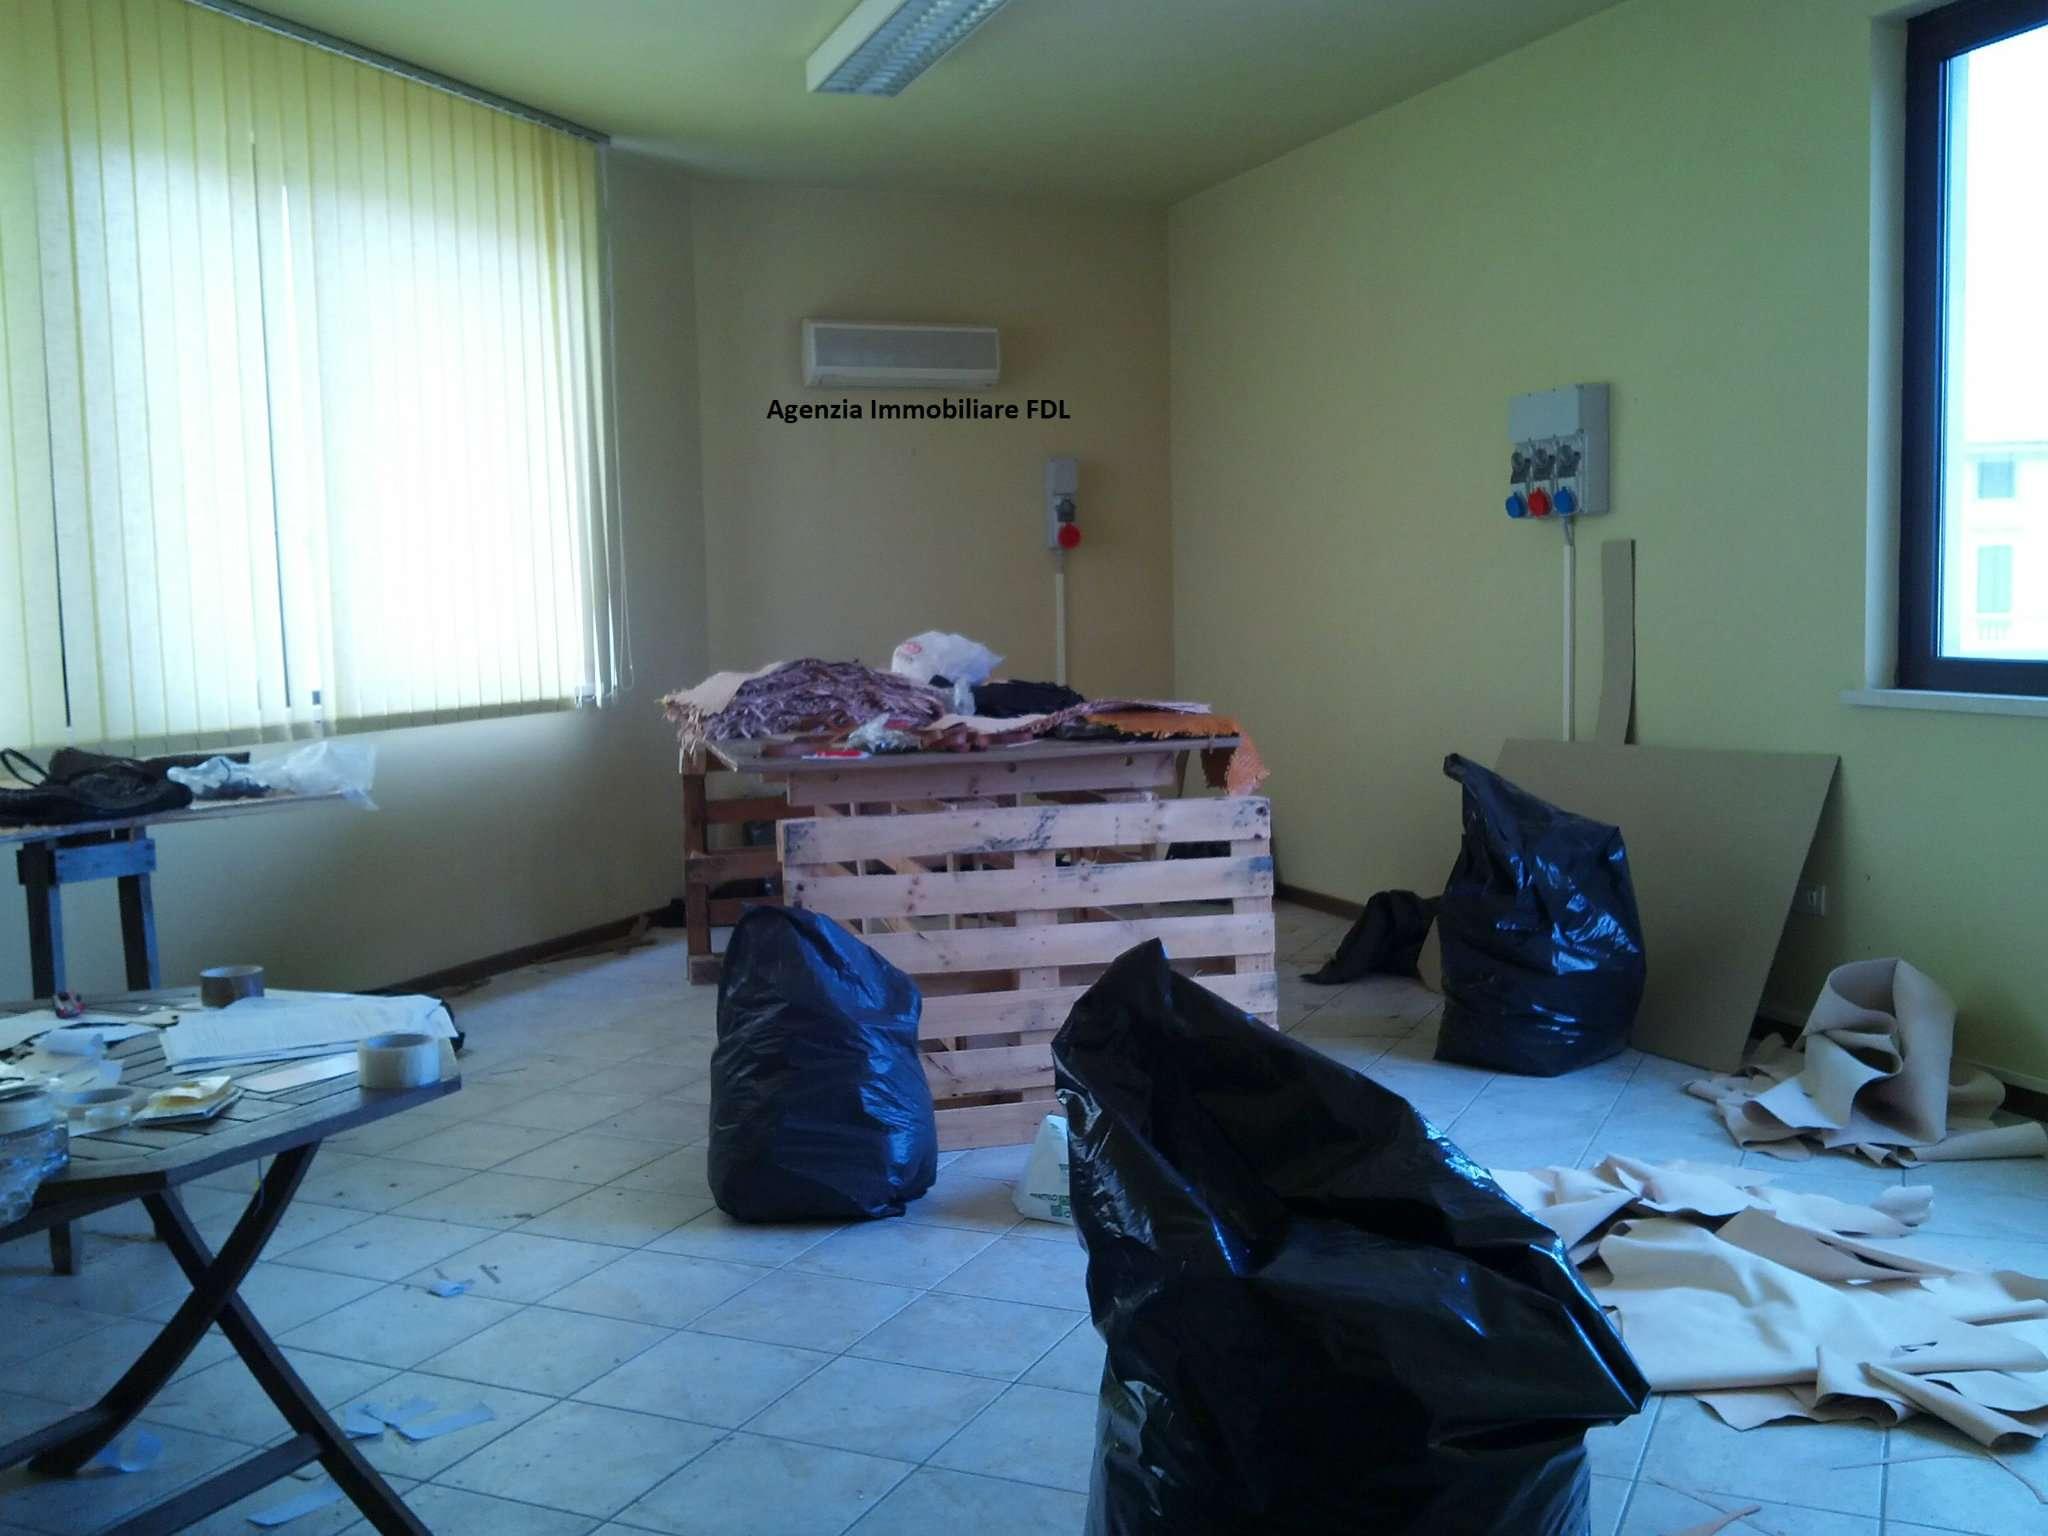 Laboratorio in vendita a San Miniato, 3 locali, prezzo € 119.000   PortaleAgenzieImmobiliari.it